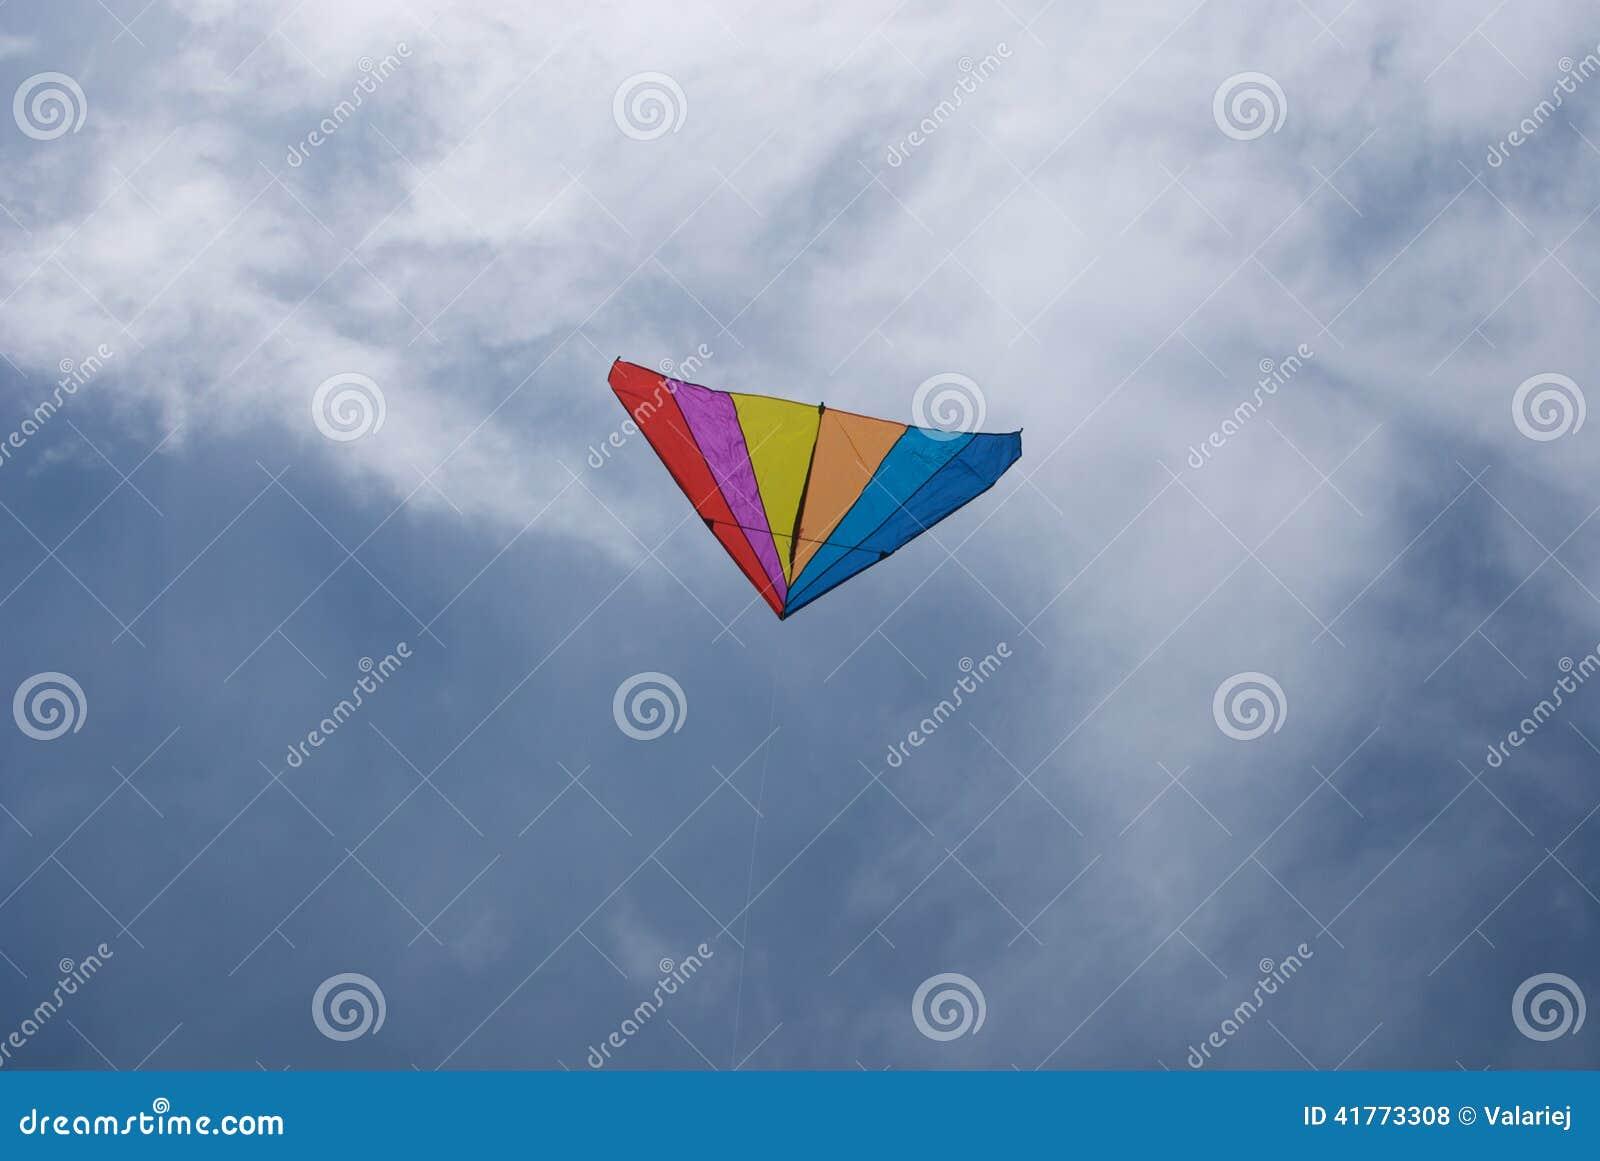 彩虹风筝图片